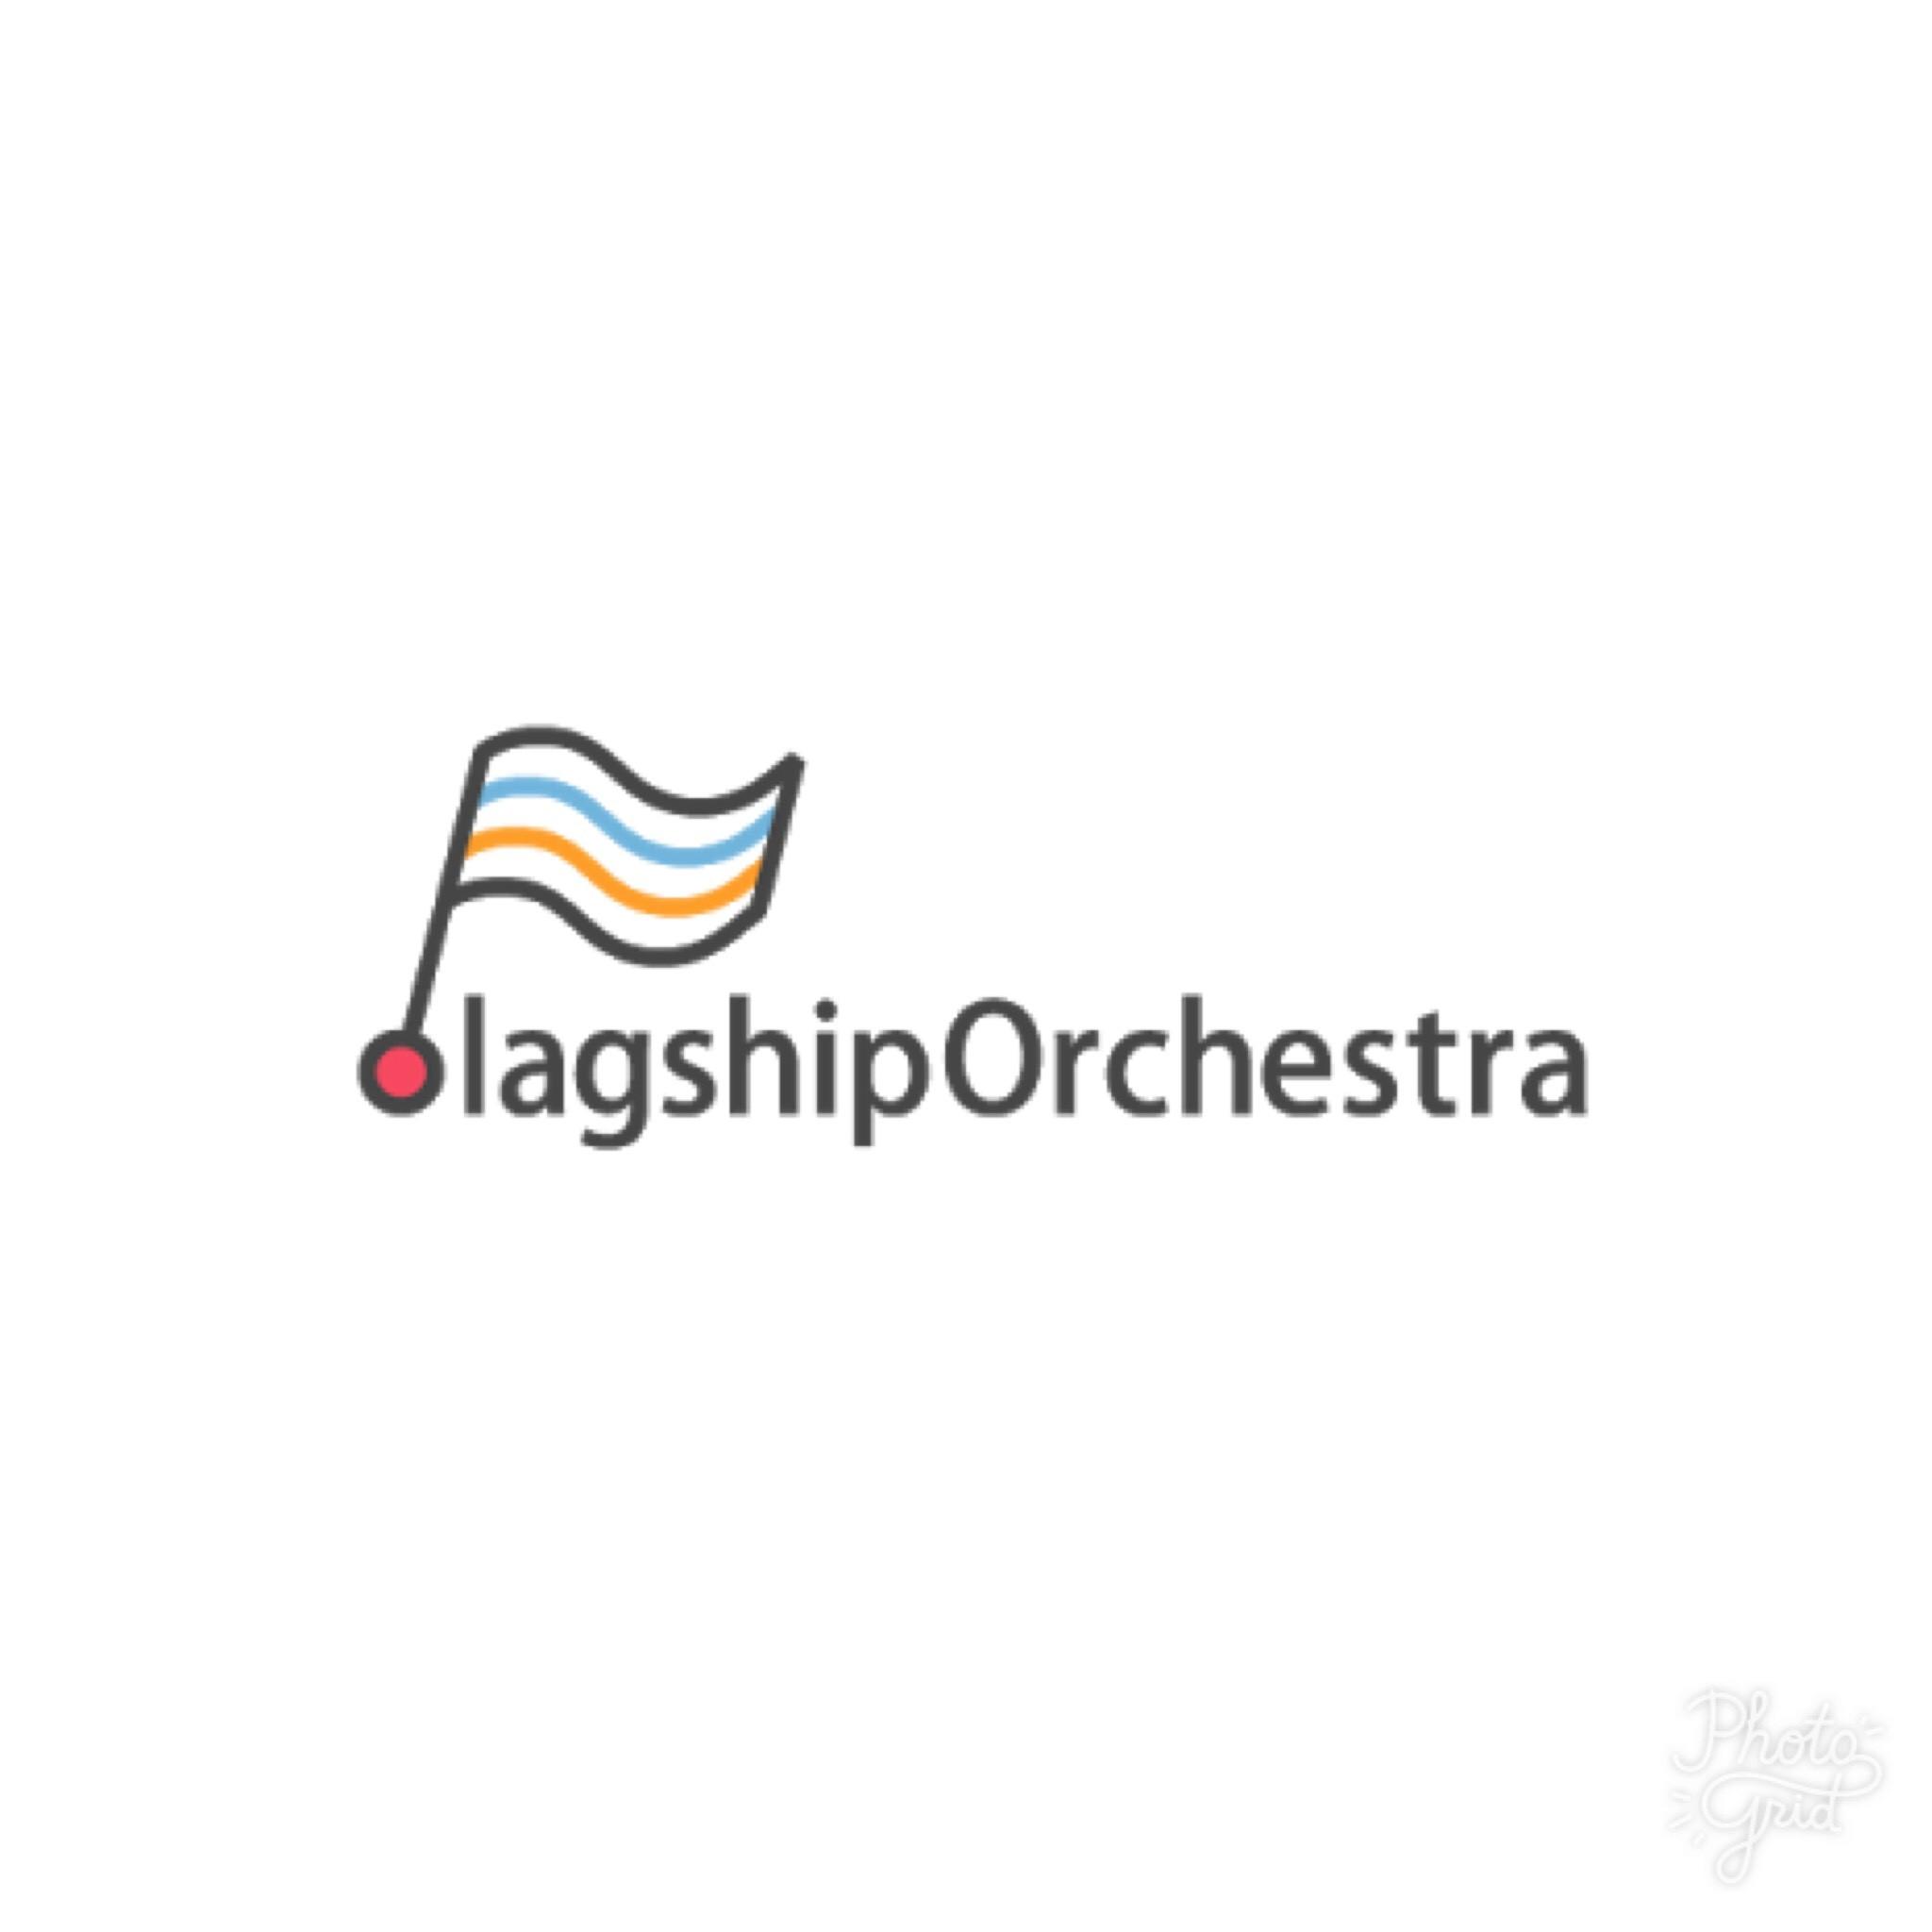 株式会社フラッグシップオーケストラ ロゴ